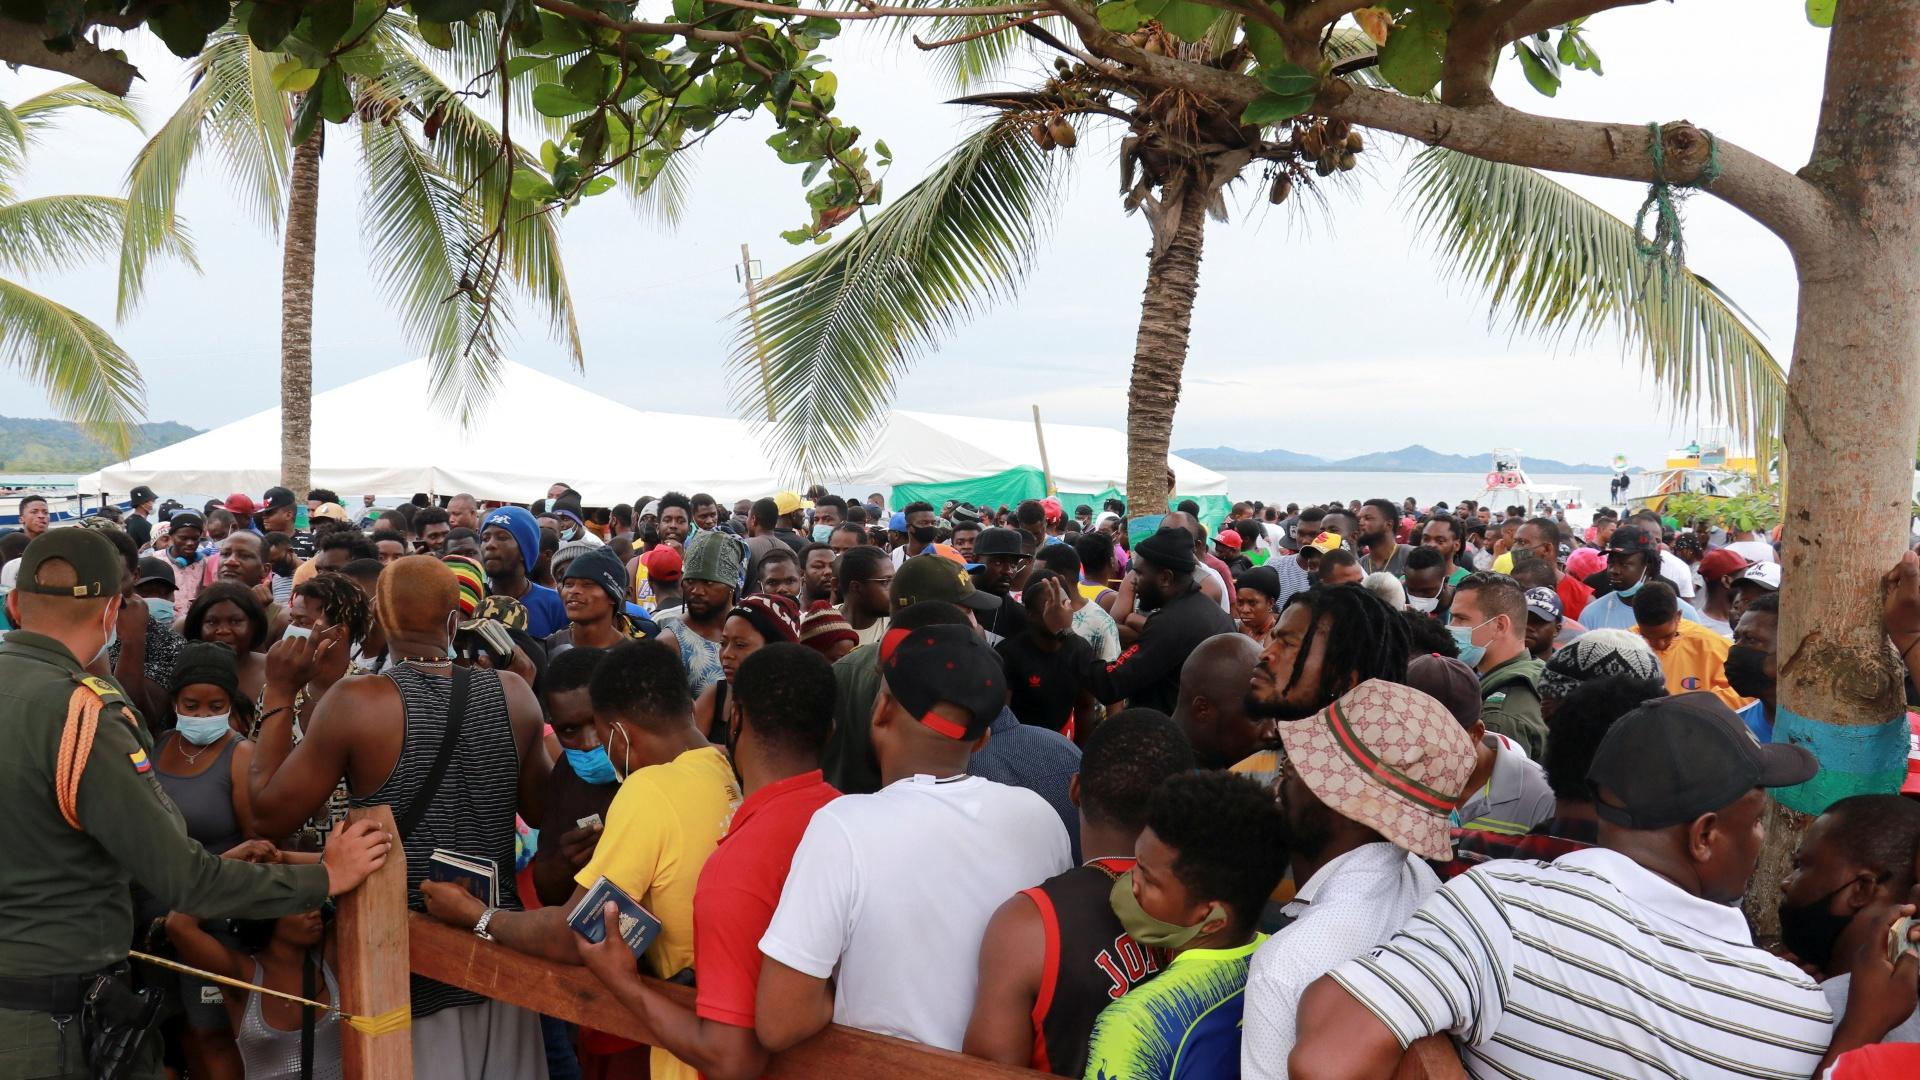 14 000 мигрантов, направляющихся в США, застряли в Колумбии